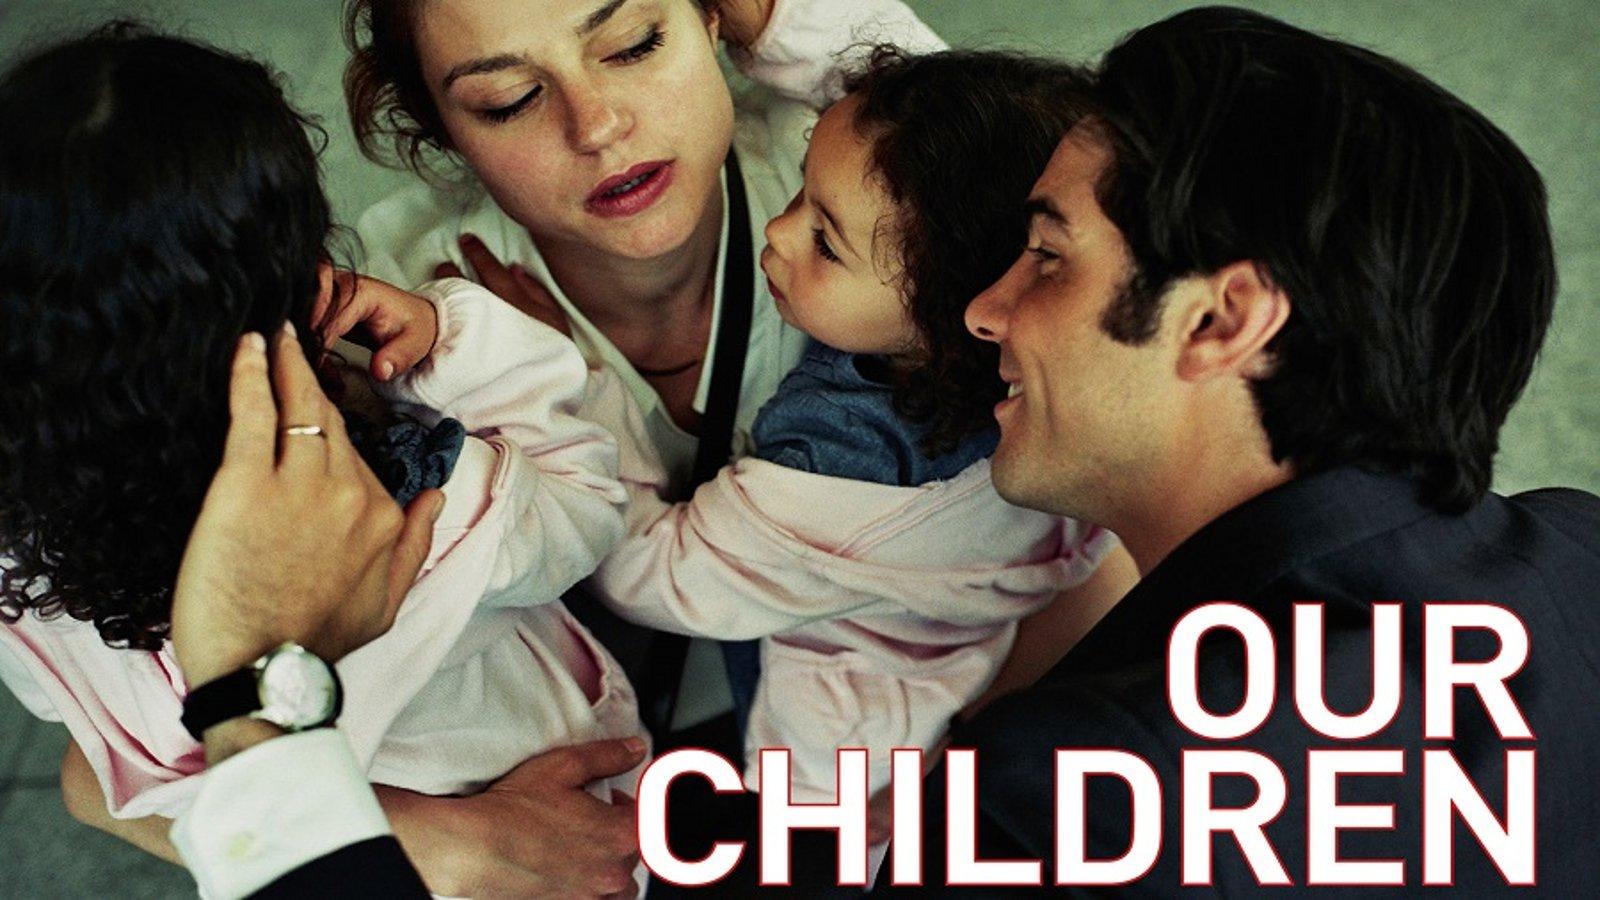 Our Children - À perdre la raison